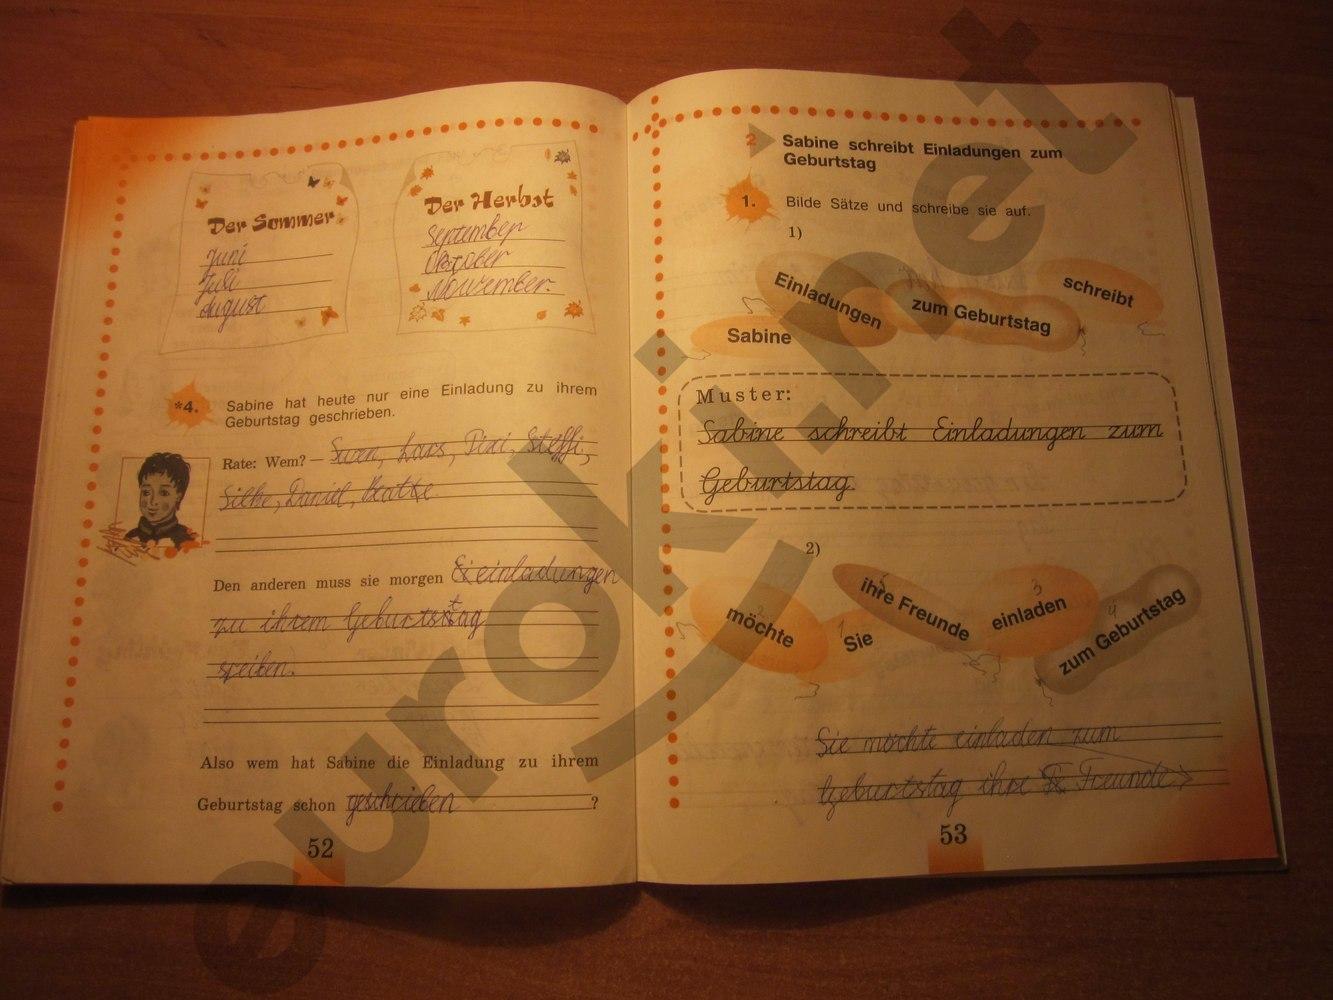 Рабочая гдз класс немецкому бим часть тетрадь языку 3 2 по